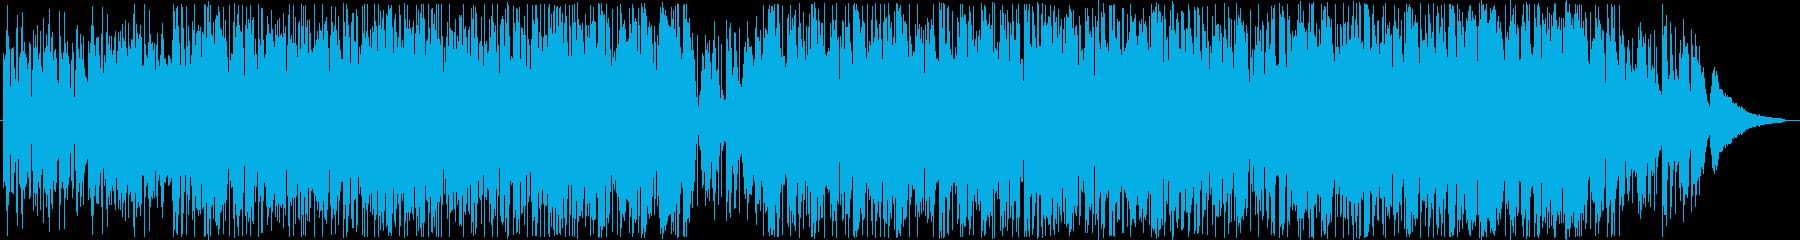 幻想的で雰囲気のあるスムースジャズの再生済みの波形